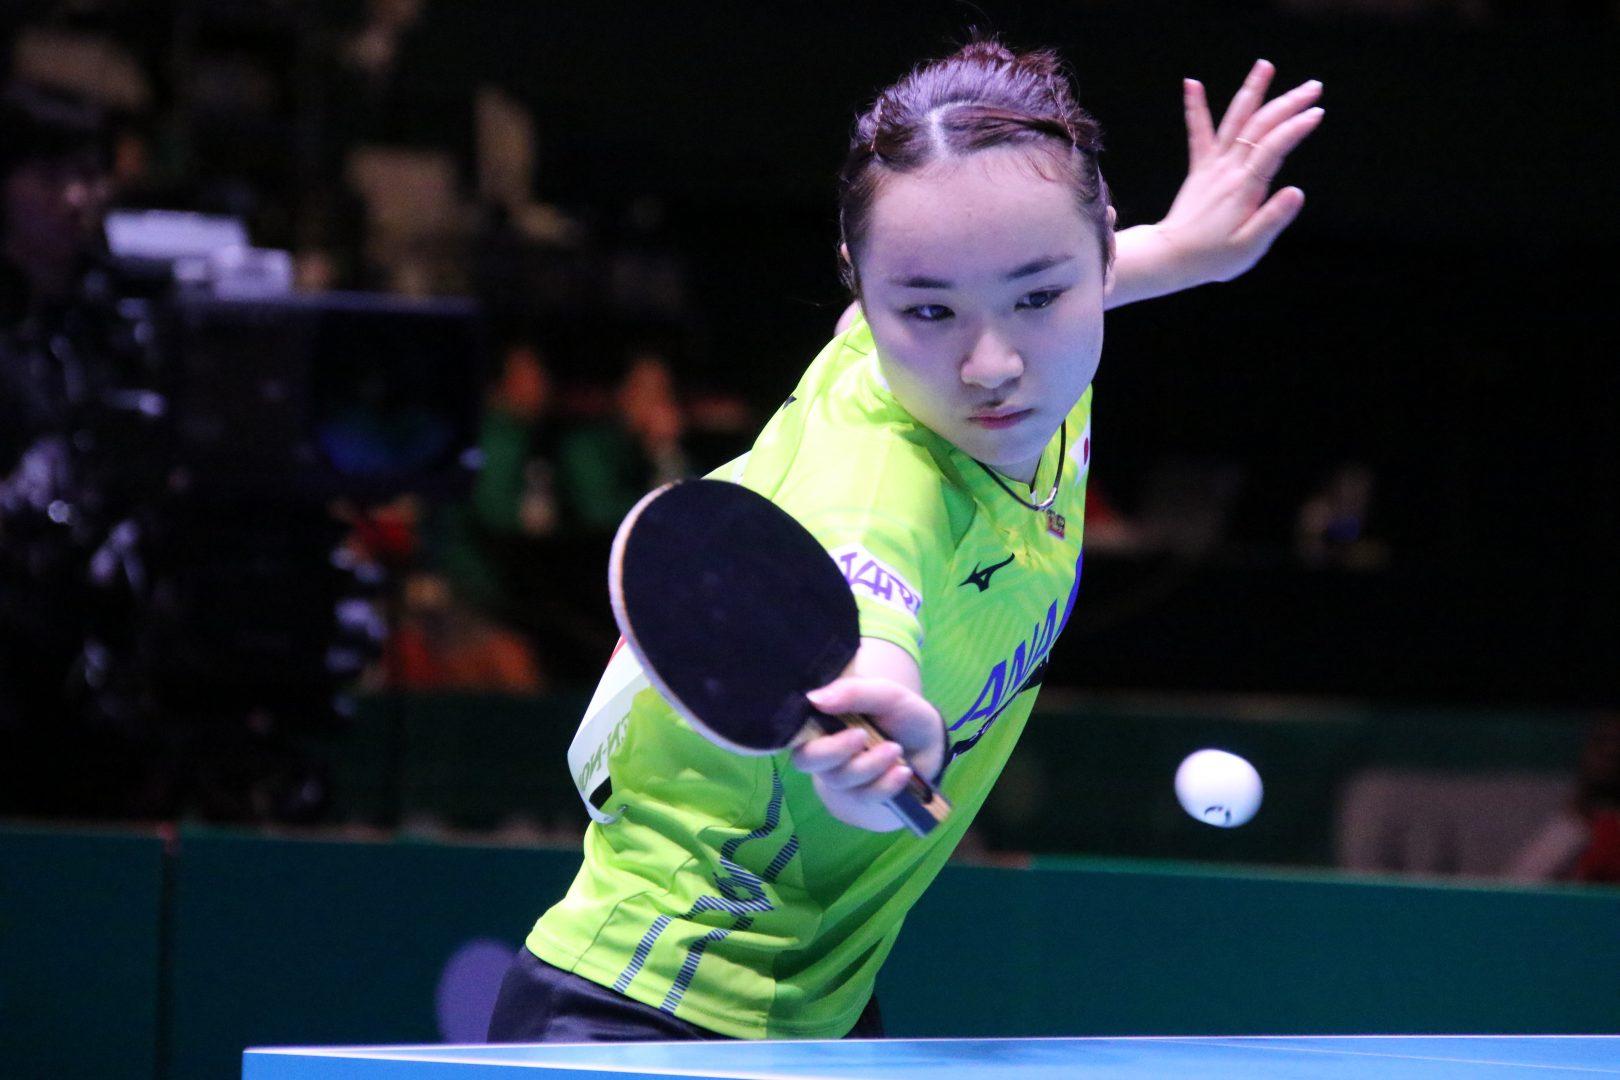 【速報】伊藤美誠、激戦制す 日韓戦は1-1のイーブンに<JA全農 卓球チームワールドカップ>